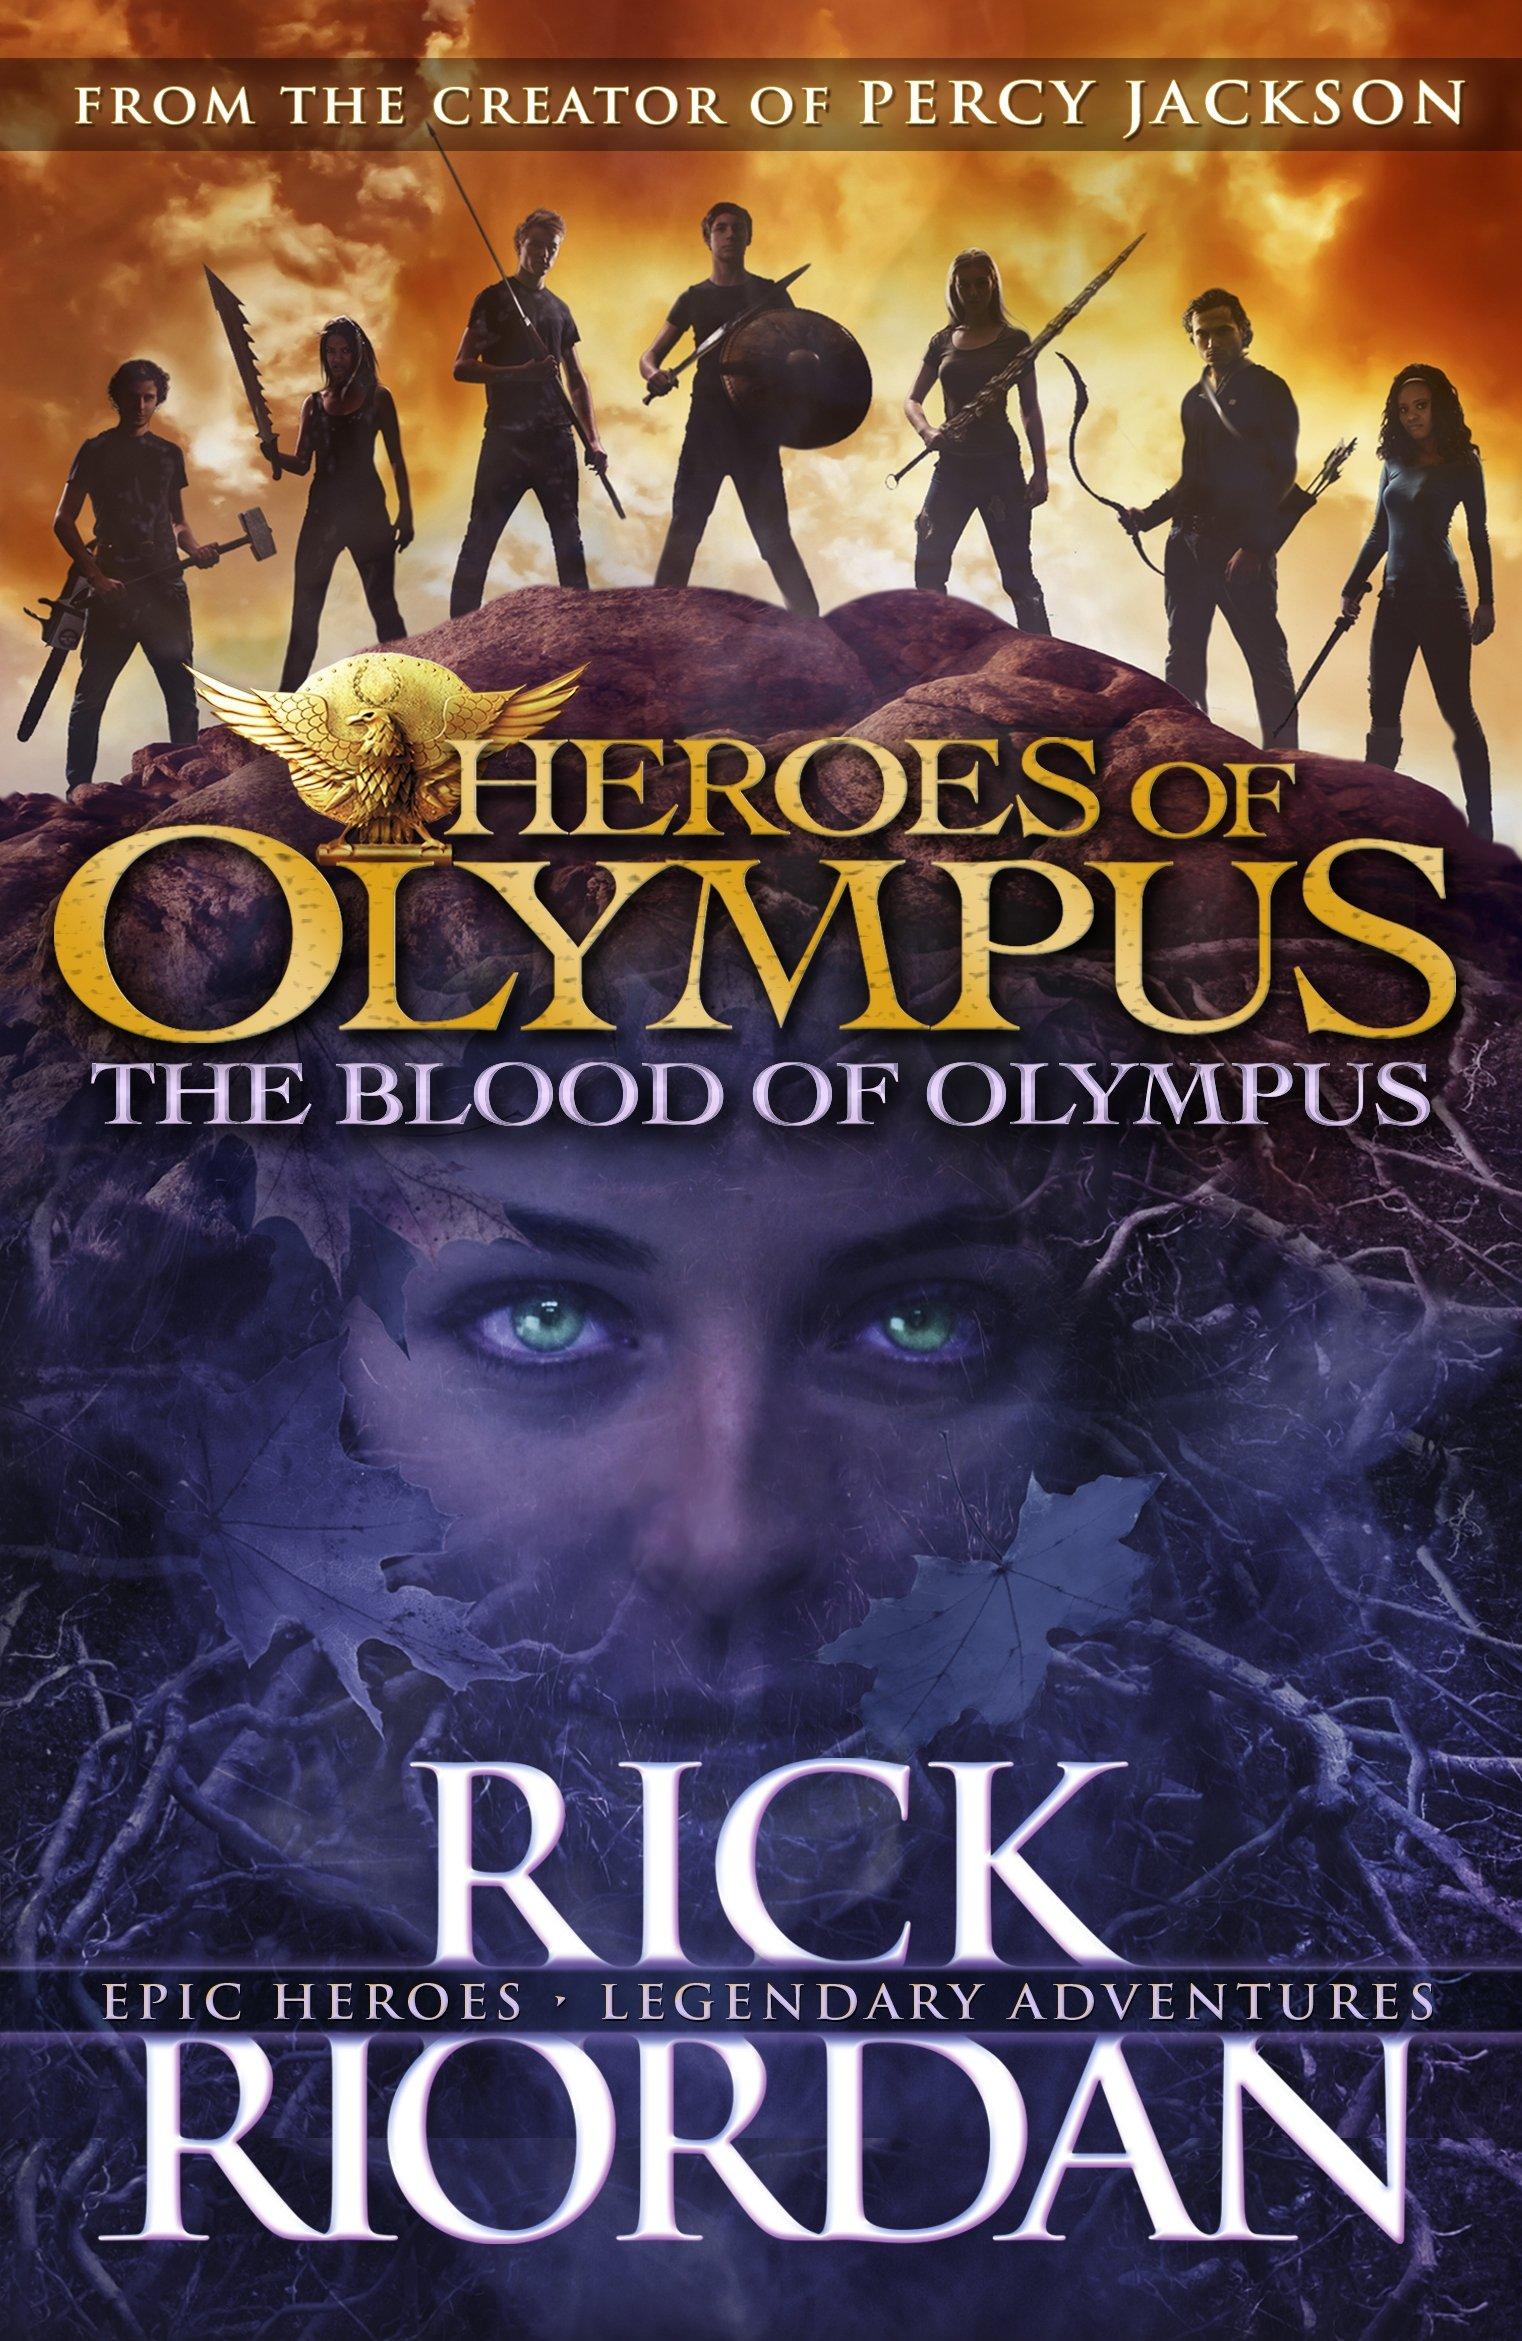 blood of olympus The blood of olympus máu đỉnh olympus chương 1 jason jason ghét làm người già các khớp ngón tay cậu nhức nhối hai chân run rẩy và khi cậu cố trèo lên đồi, phổi cậu khò khè lọc xọc như.